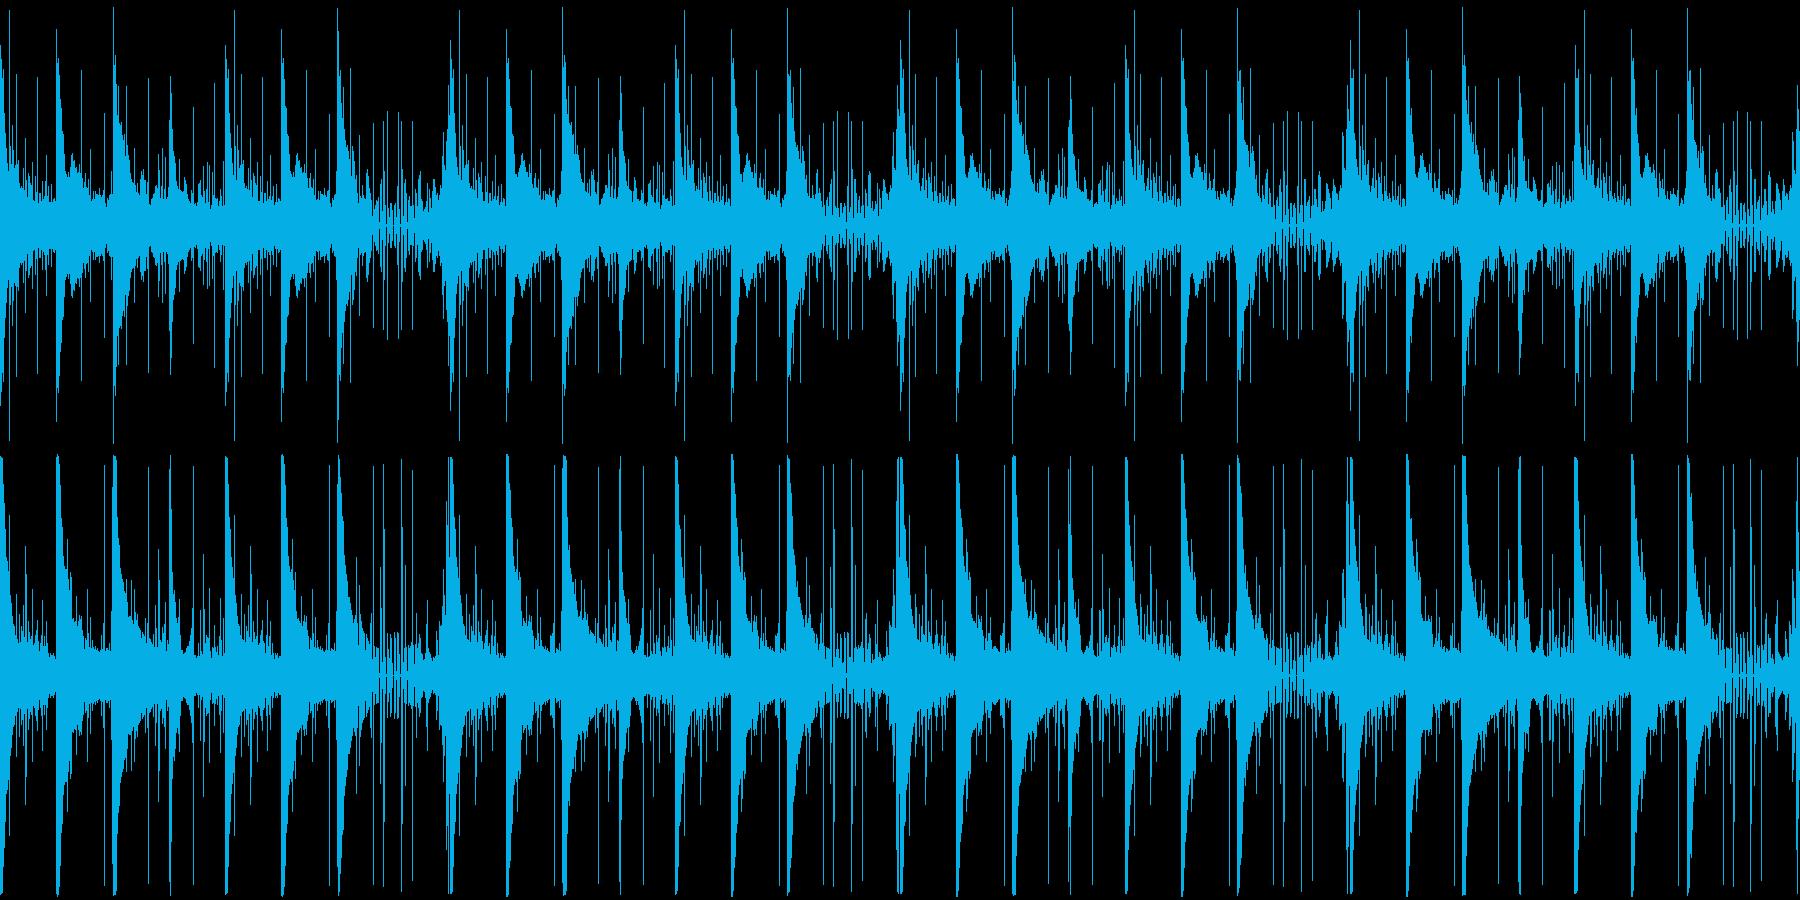 【雨/悲しみのピアノバラード】の再生済みの波形